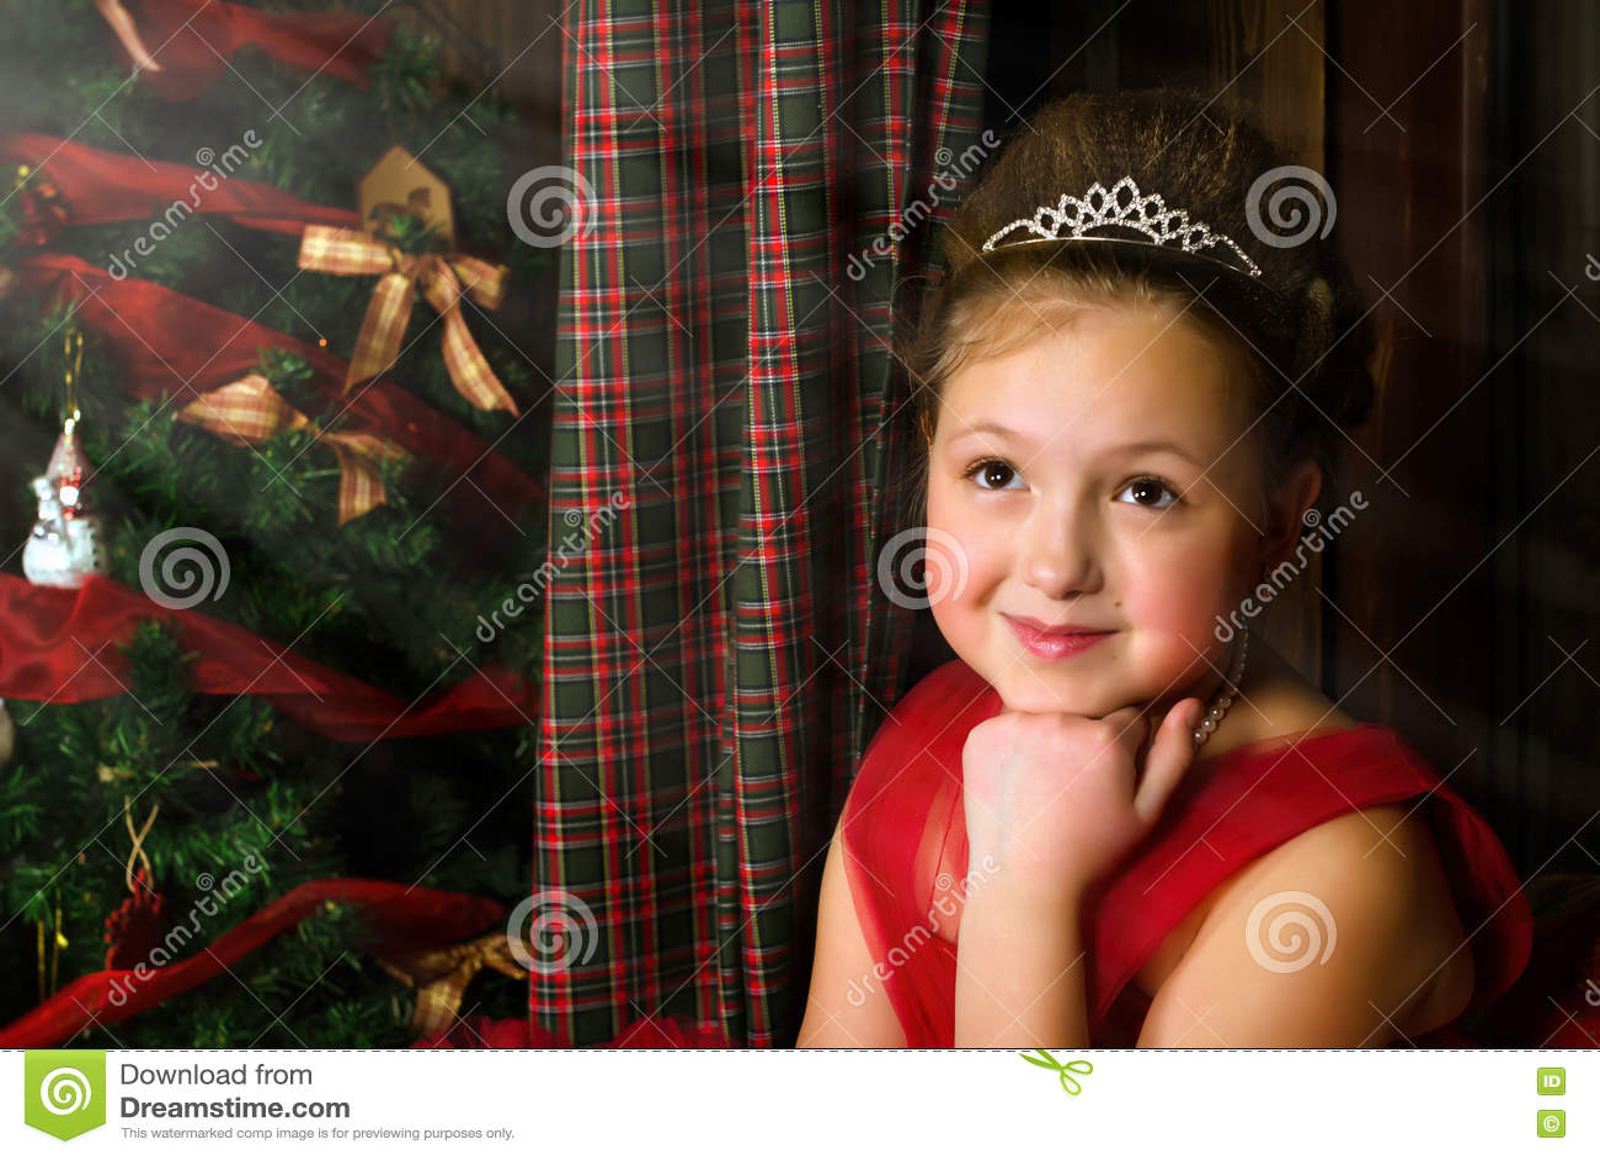 Nachdenkliches Mädchen Begrüßt Neues Jahr Und Weihnachten Stockbild ...